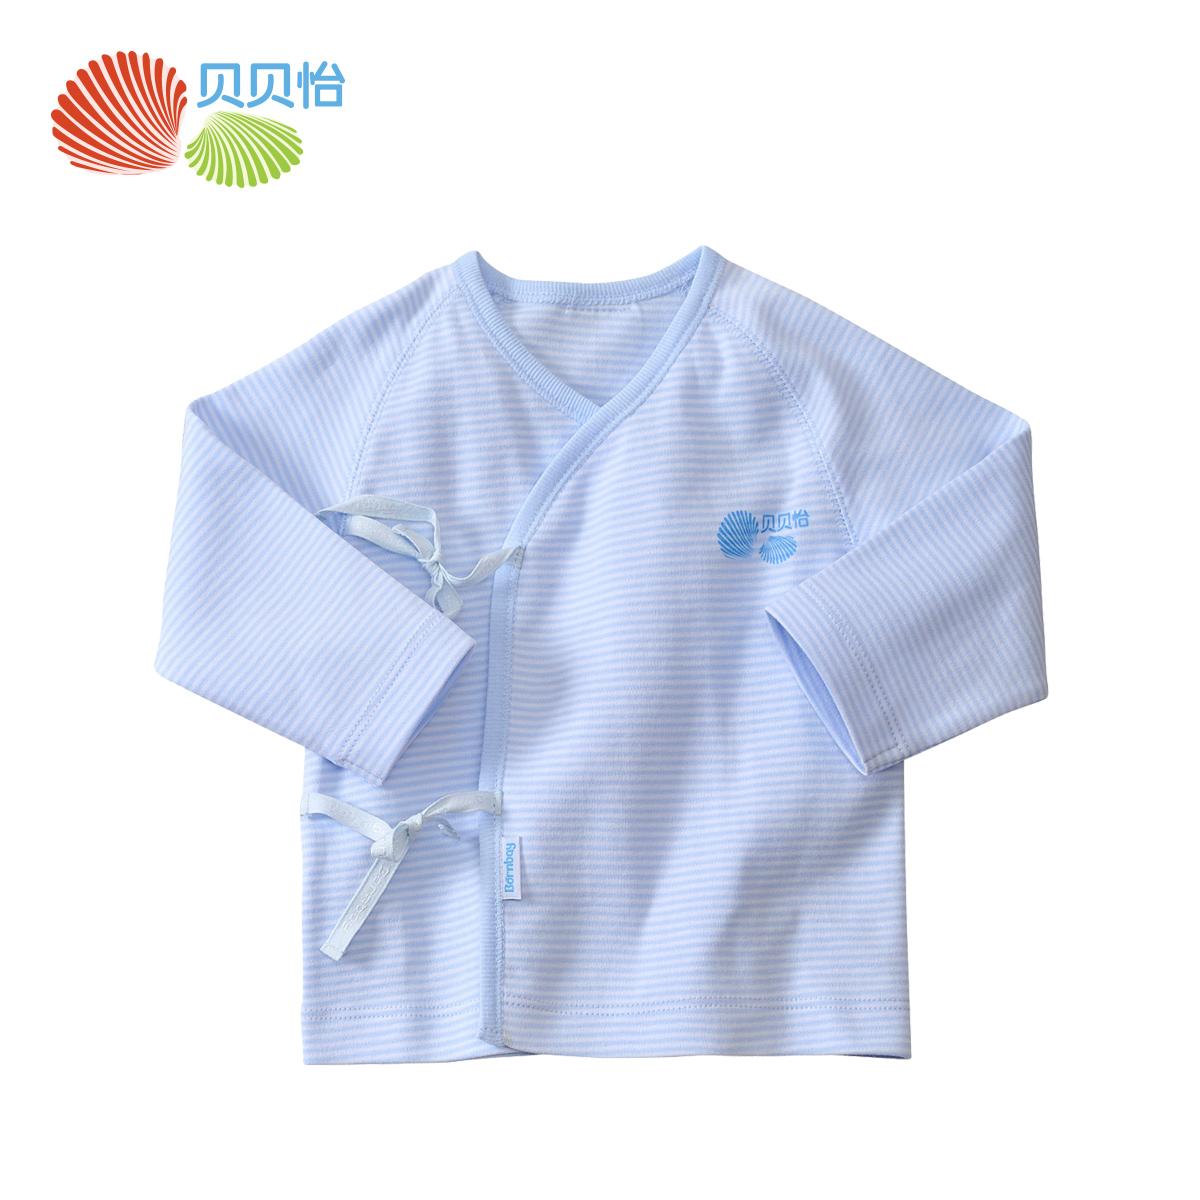 贝贝怡新生儿衣服春秋纯棉条纹婴儿上衣0-3-6个月宝宝和尚服BB311